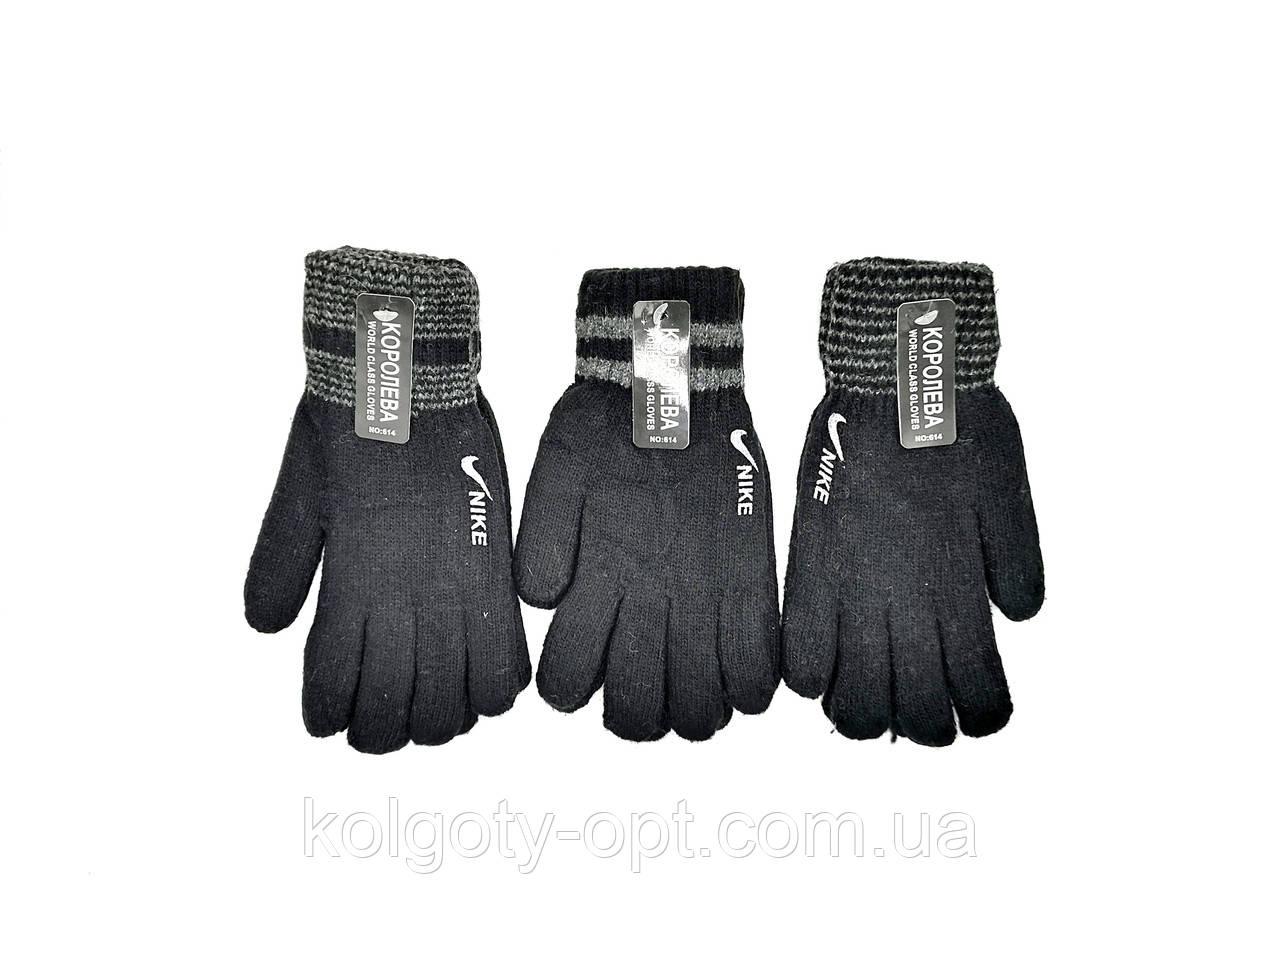 Спортивні теплі подвійні рукавички підліток